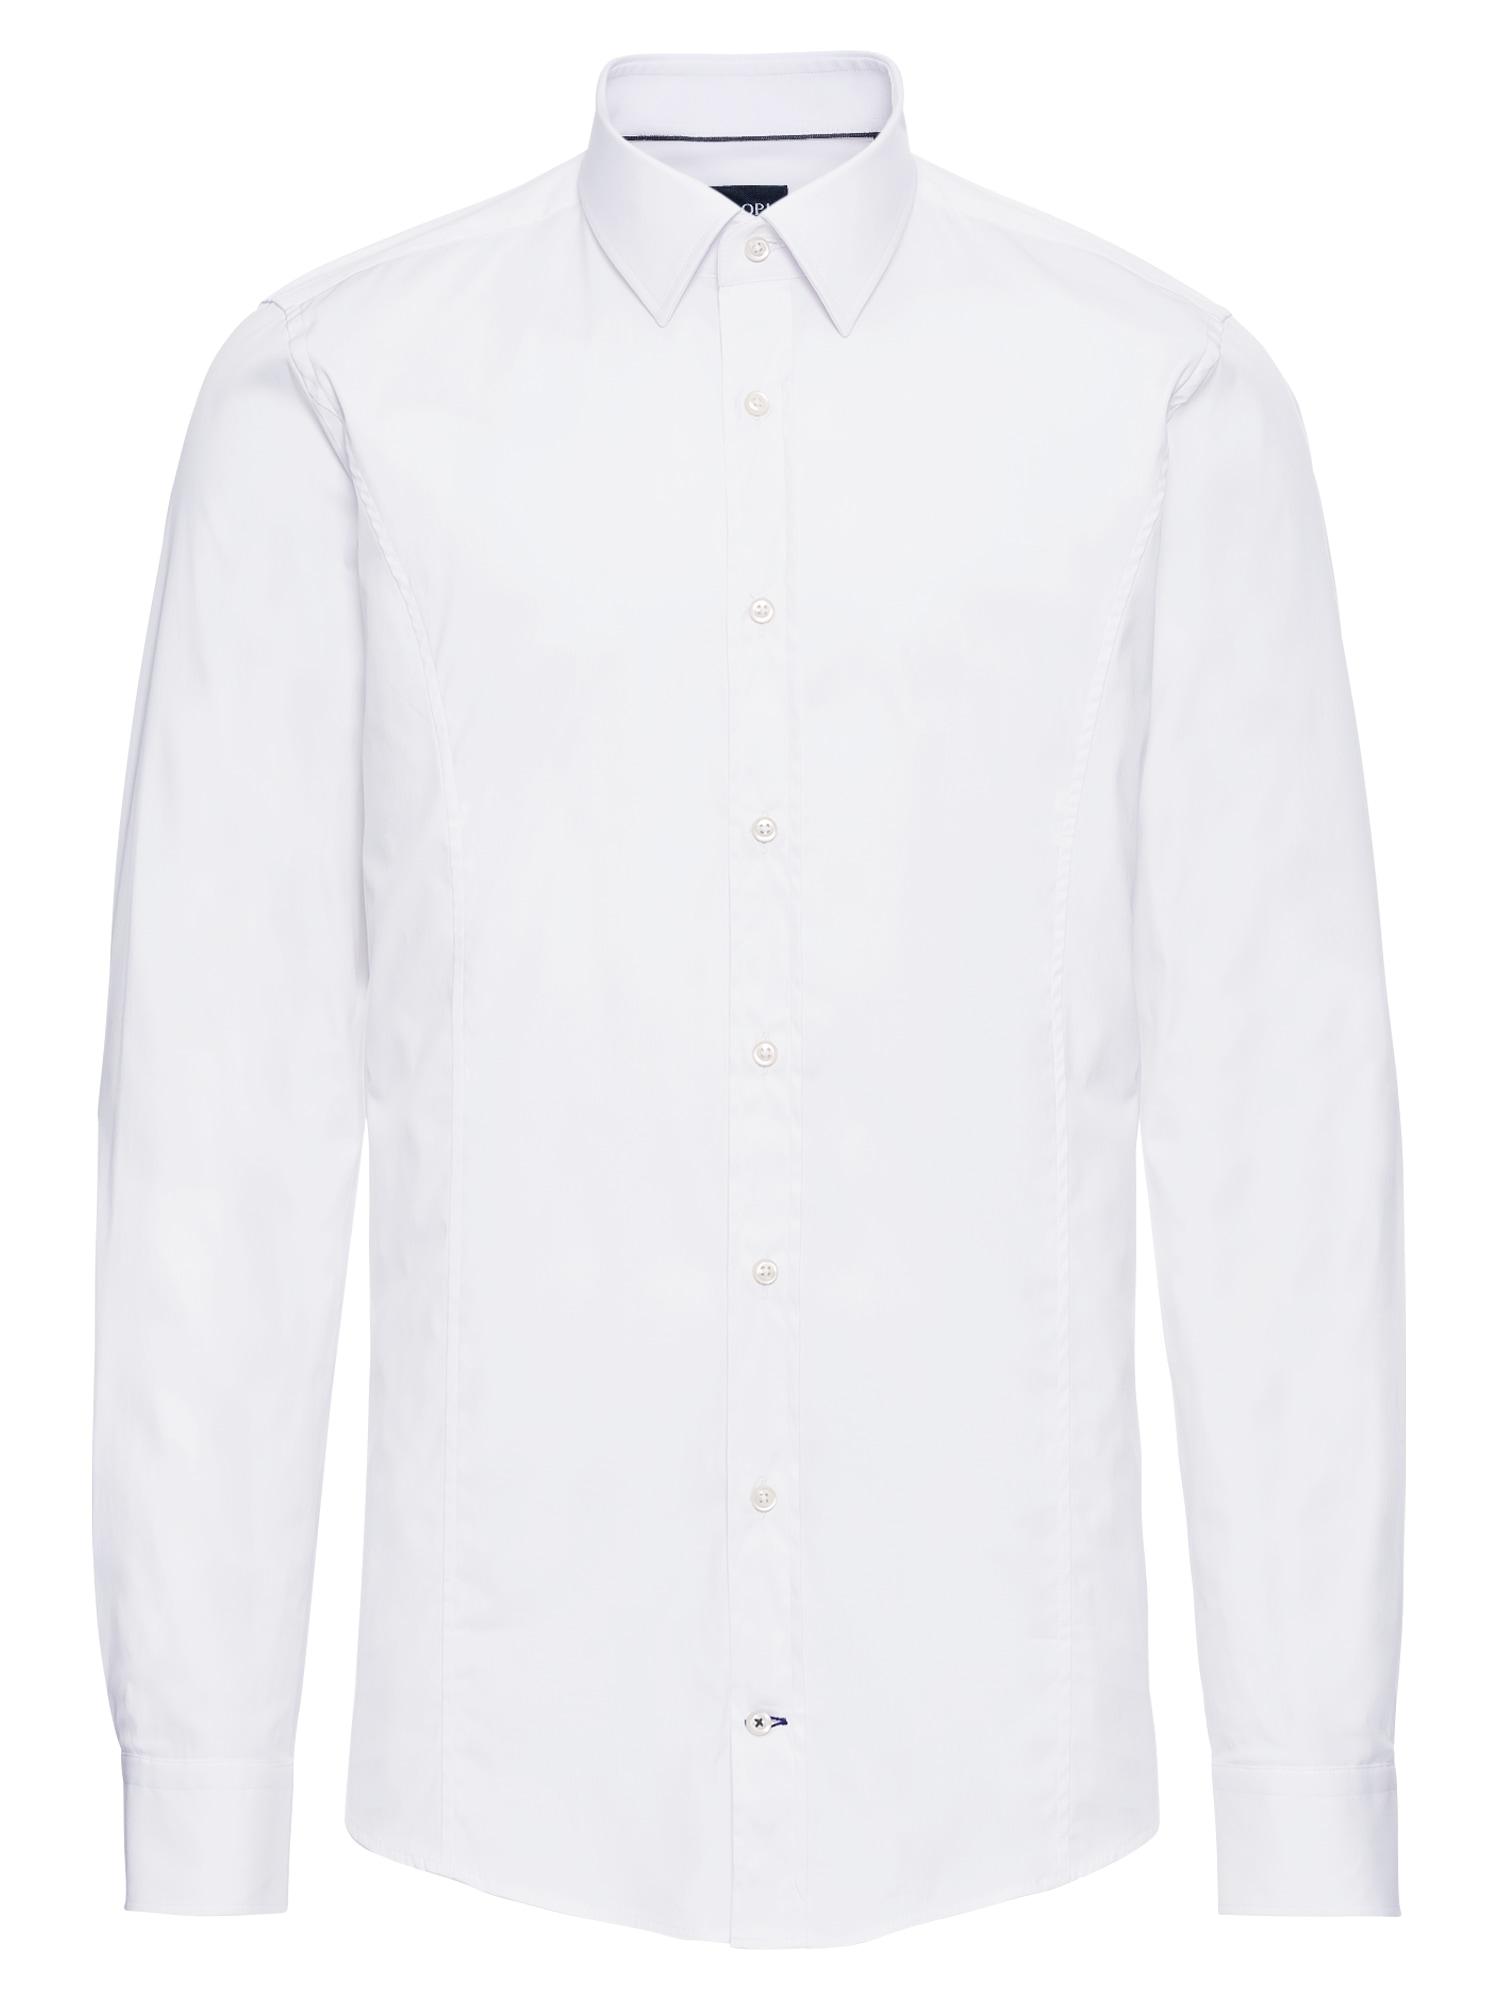 Společenská košile 17 JSH-11Victor 10000629 bílá JOOP!